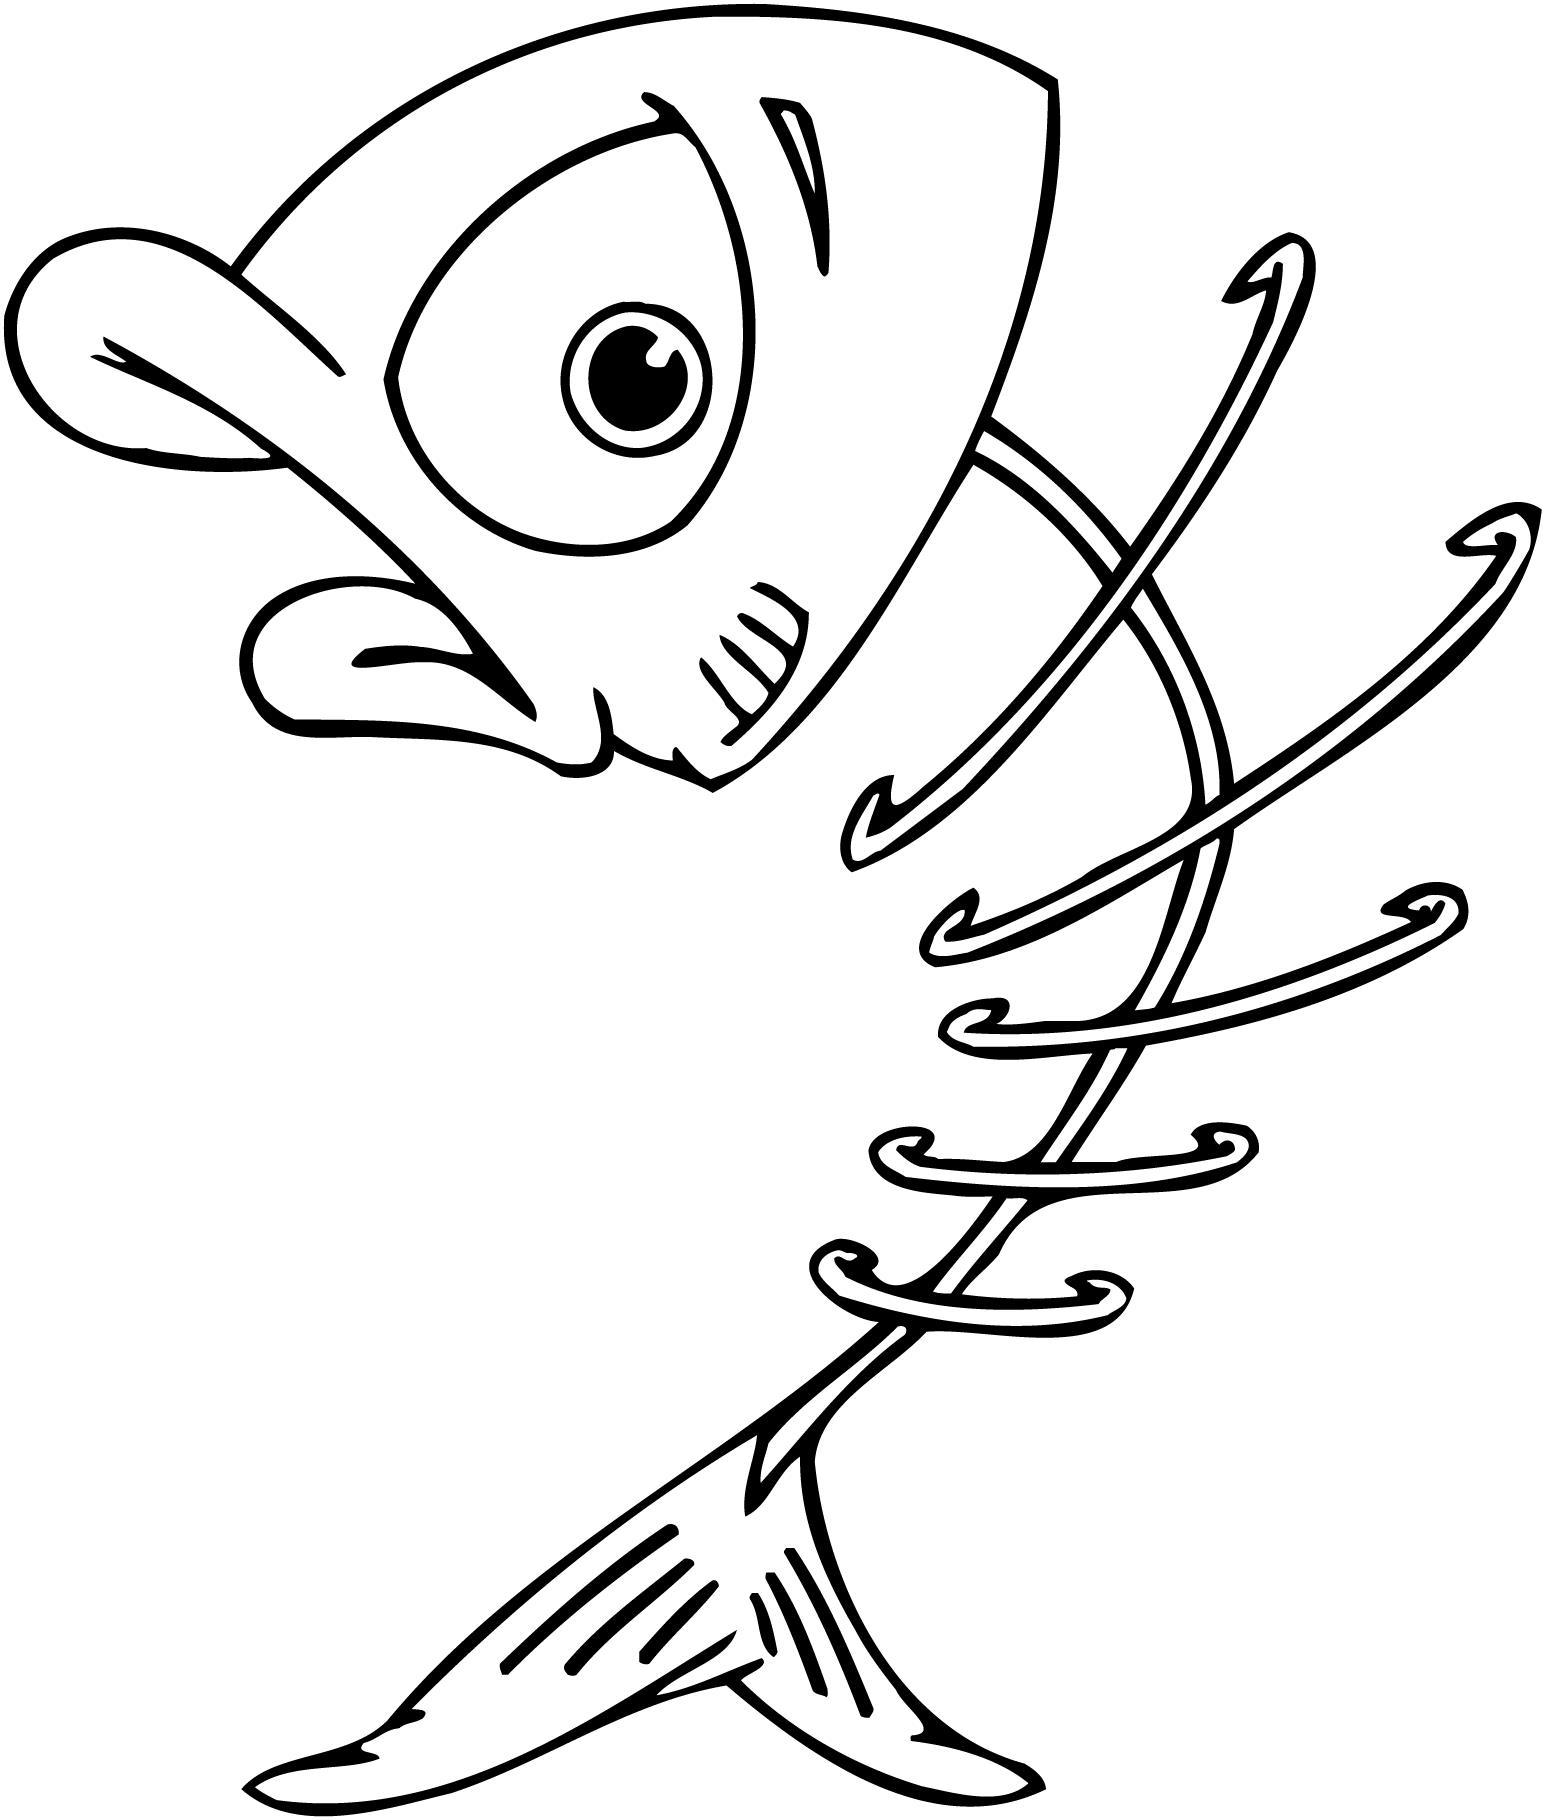 Images Of Fish Bones.